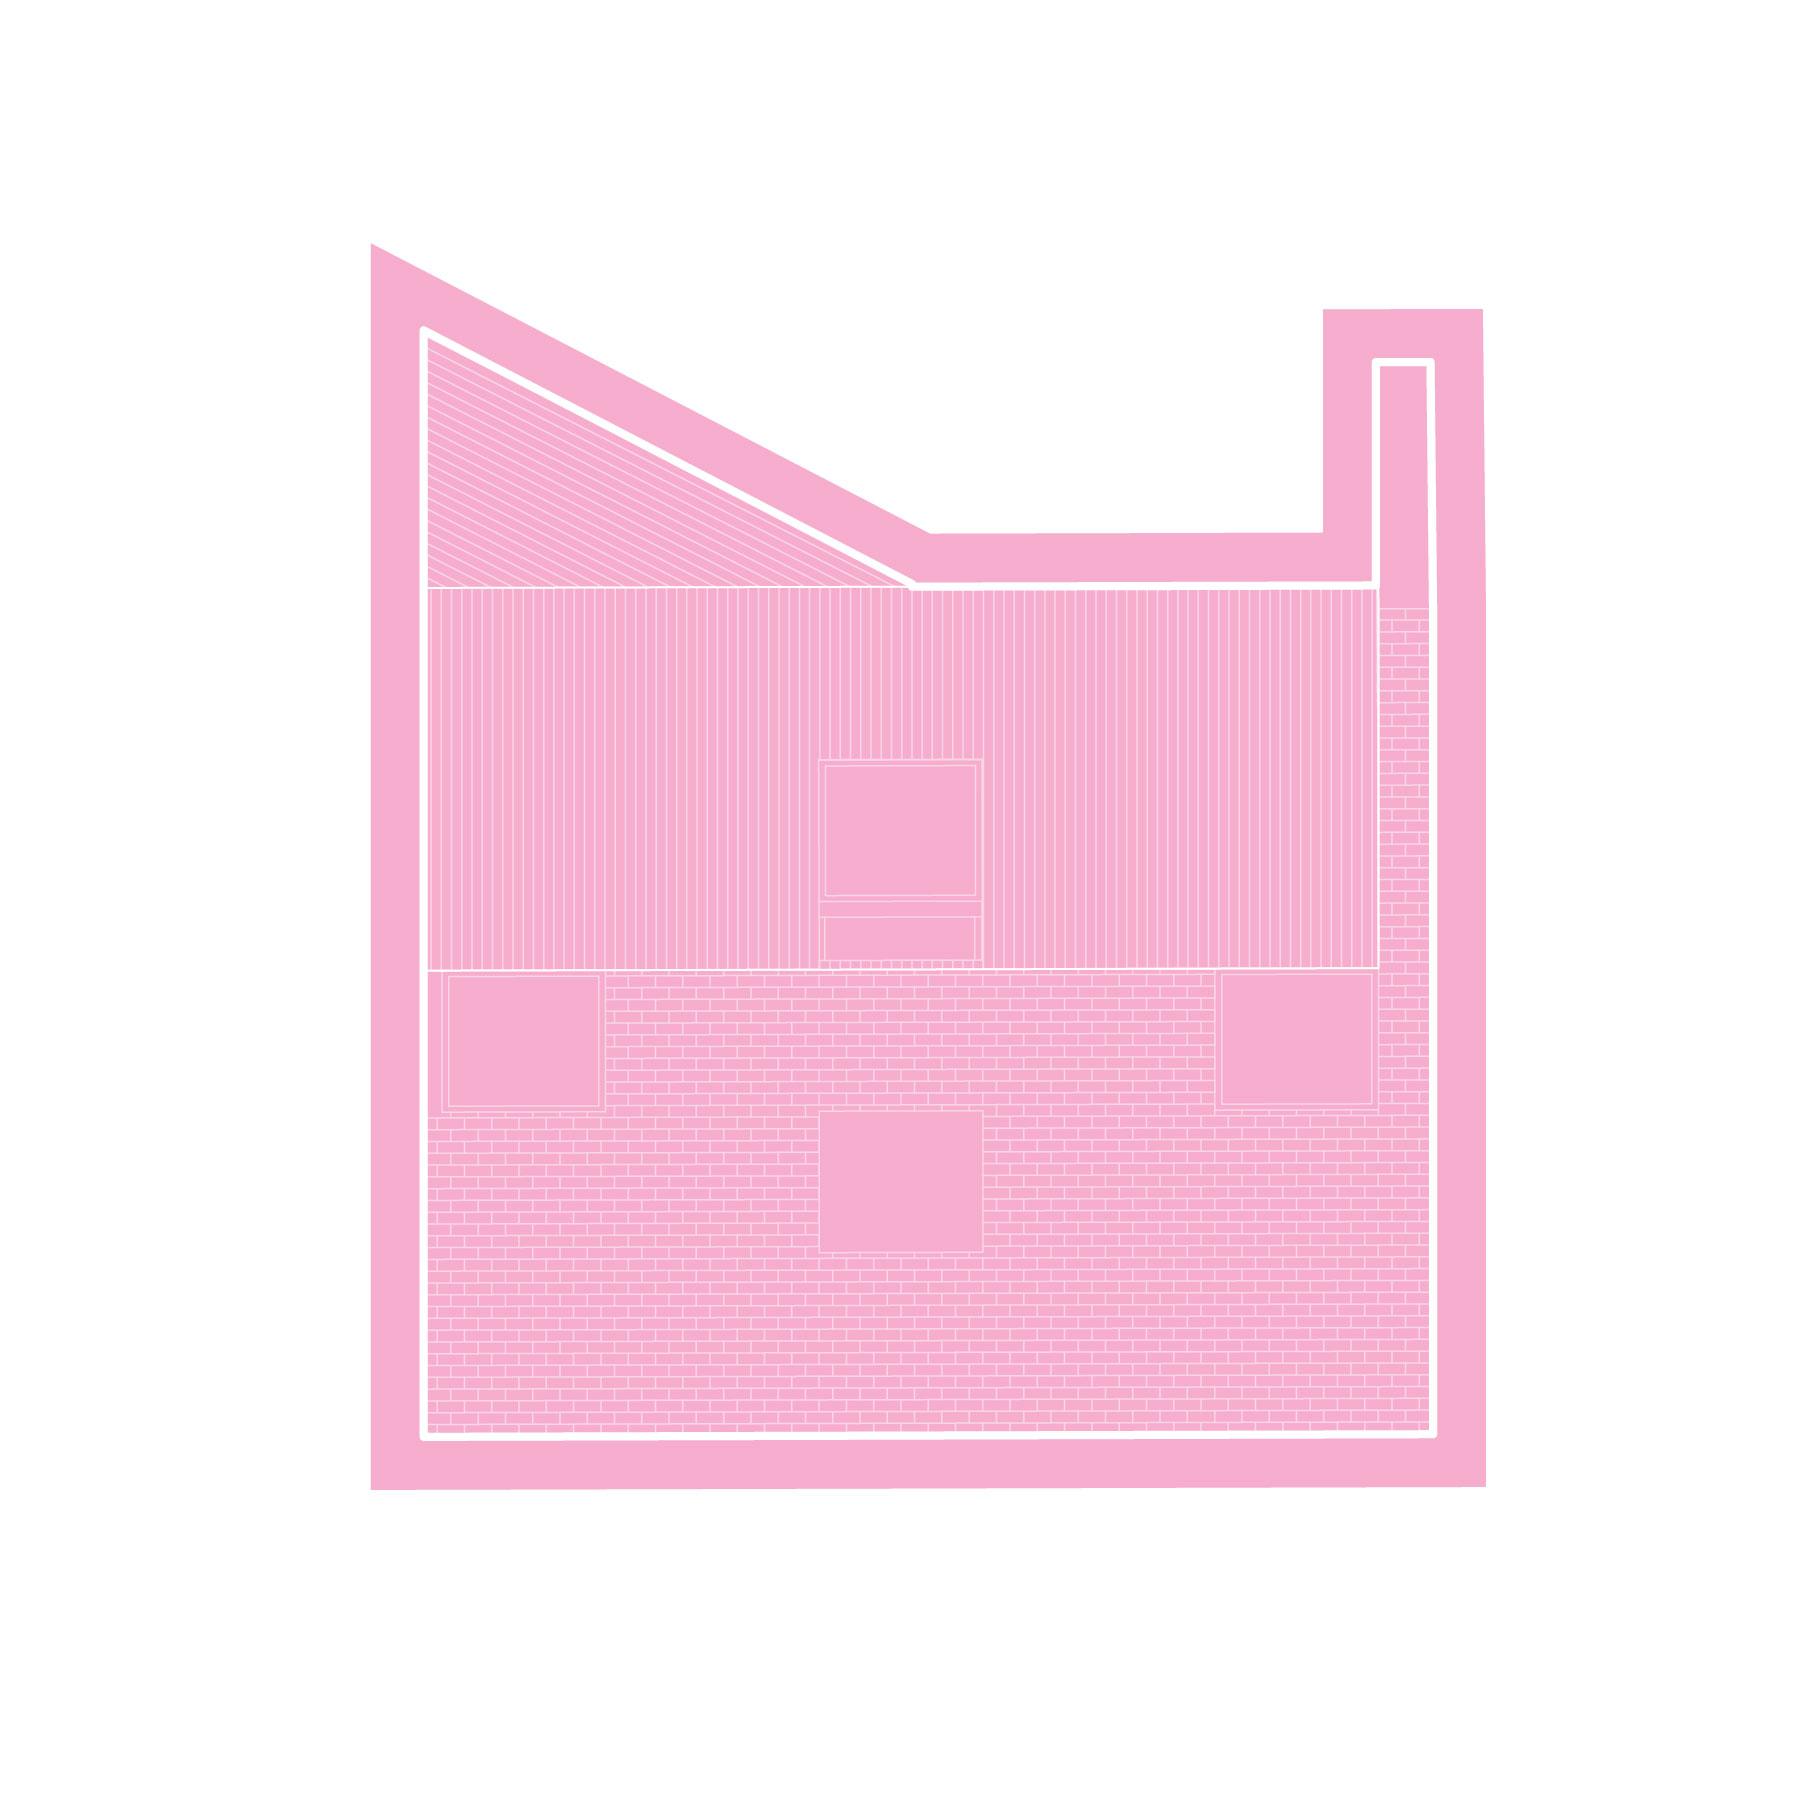 Isometric Composites-04.jpg